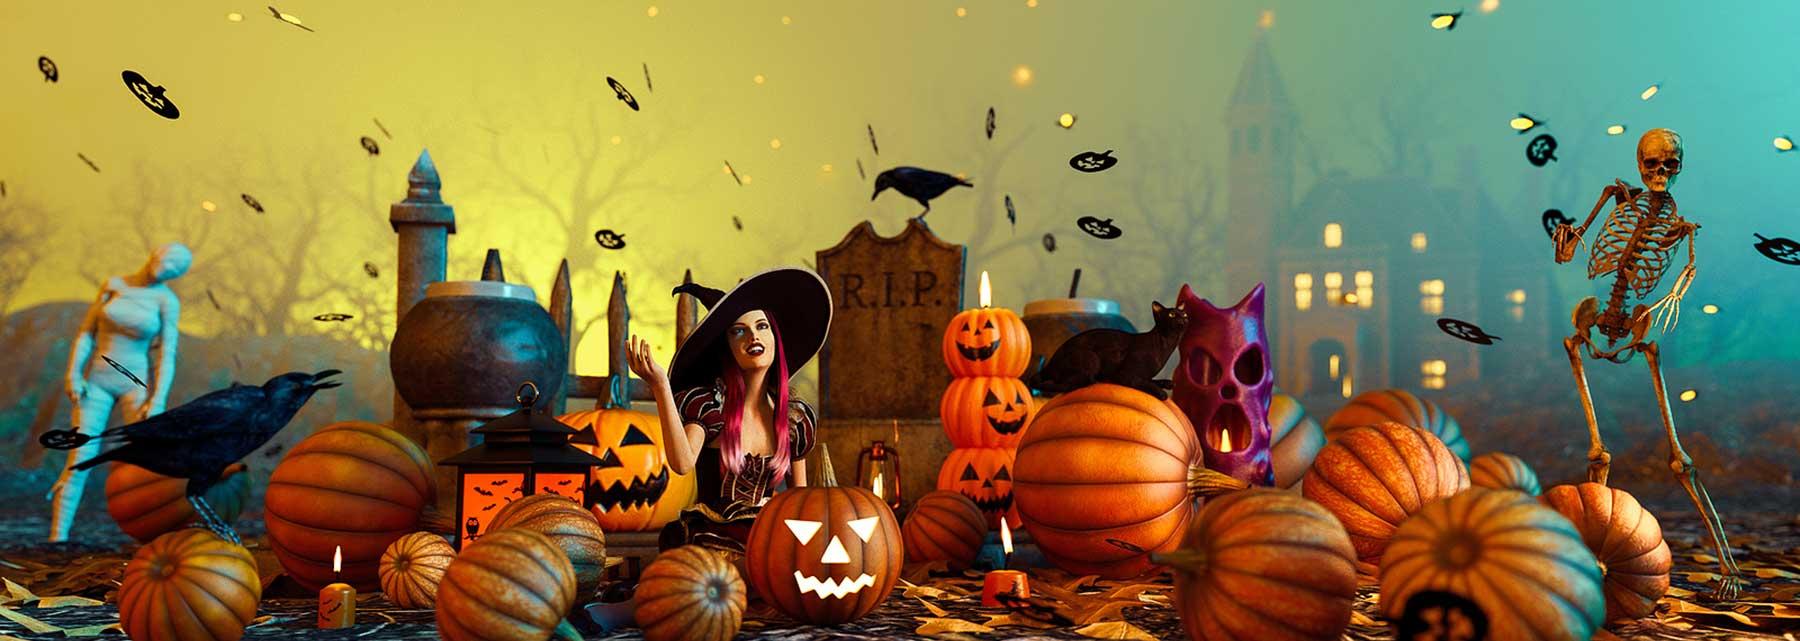 Halloween-Store-Marlboro-NJ